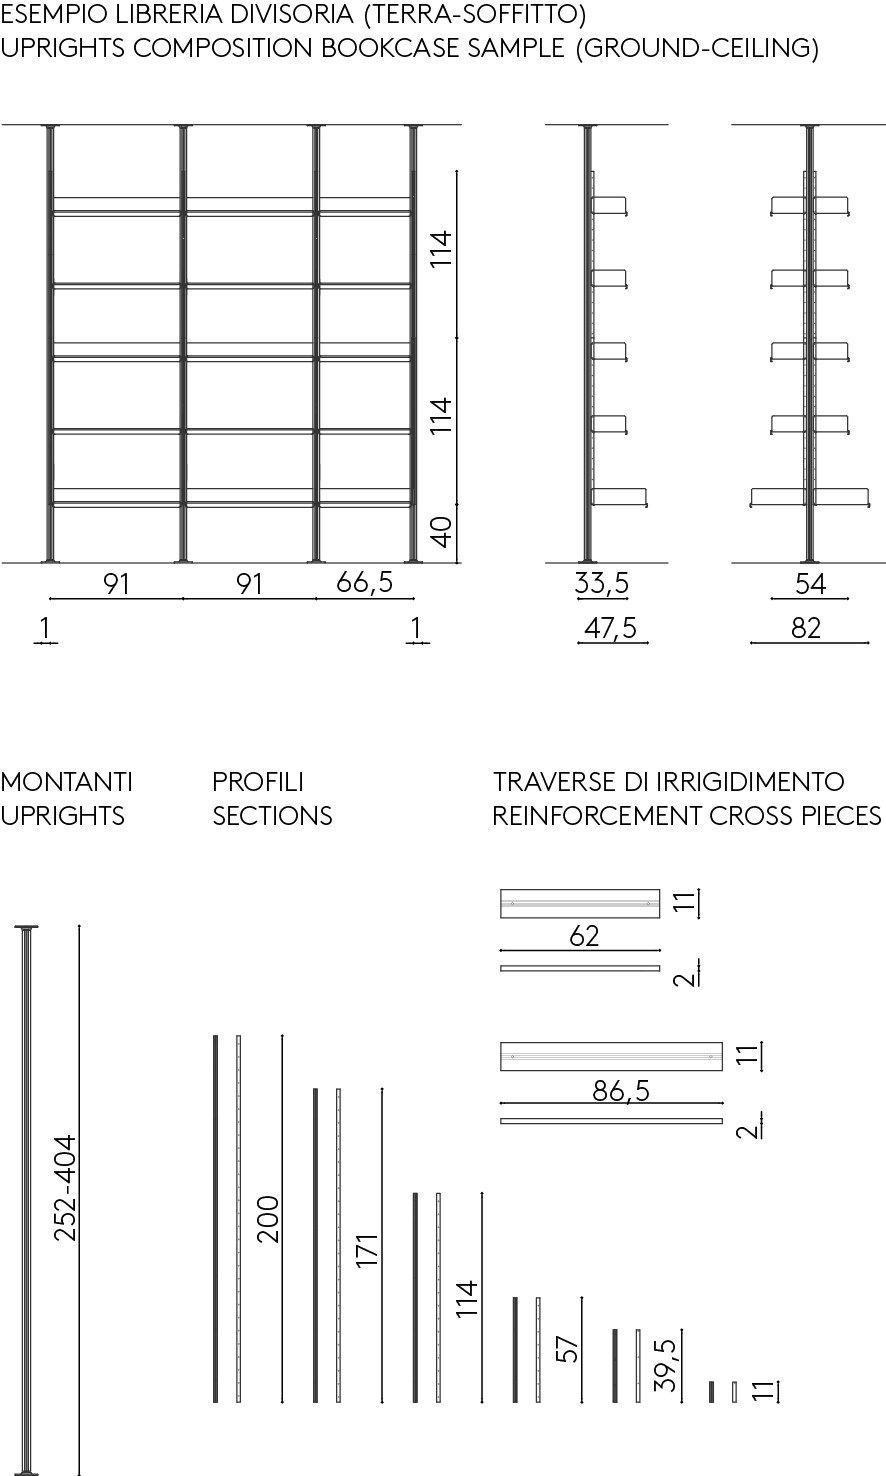 Estante Secional De Alum Nio Extrudado 606 Universal Shelving System